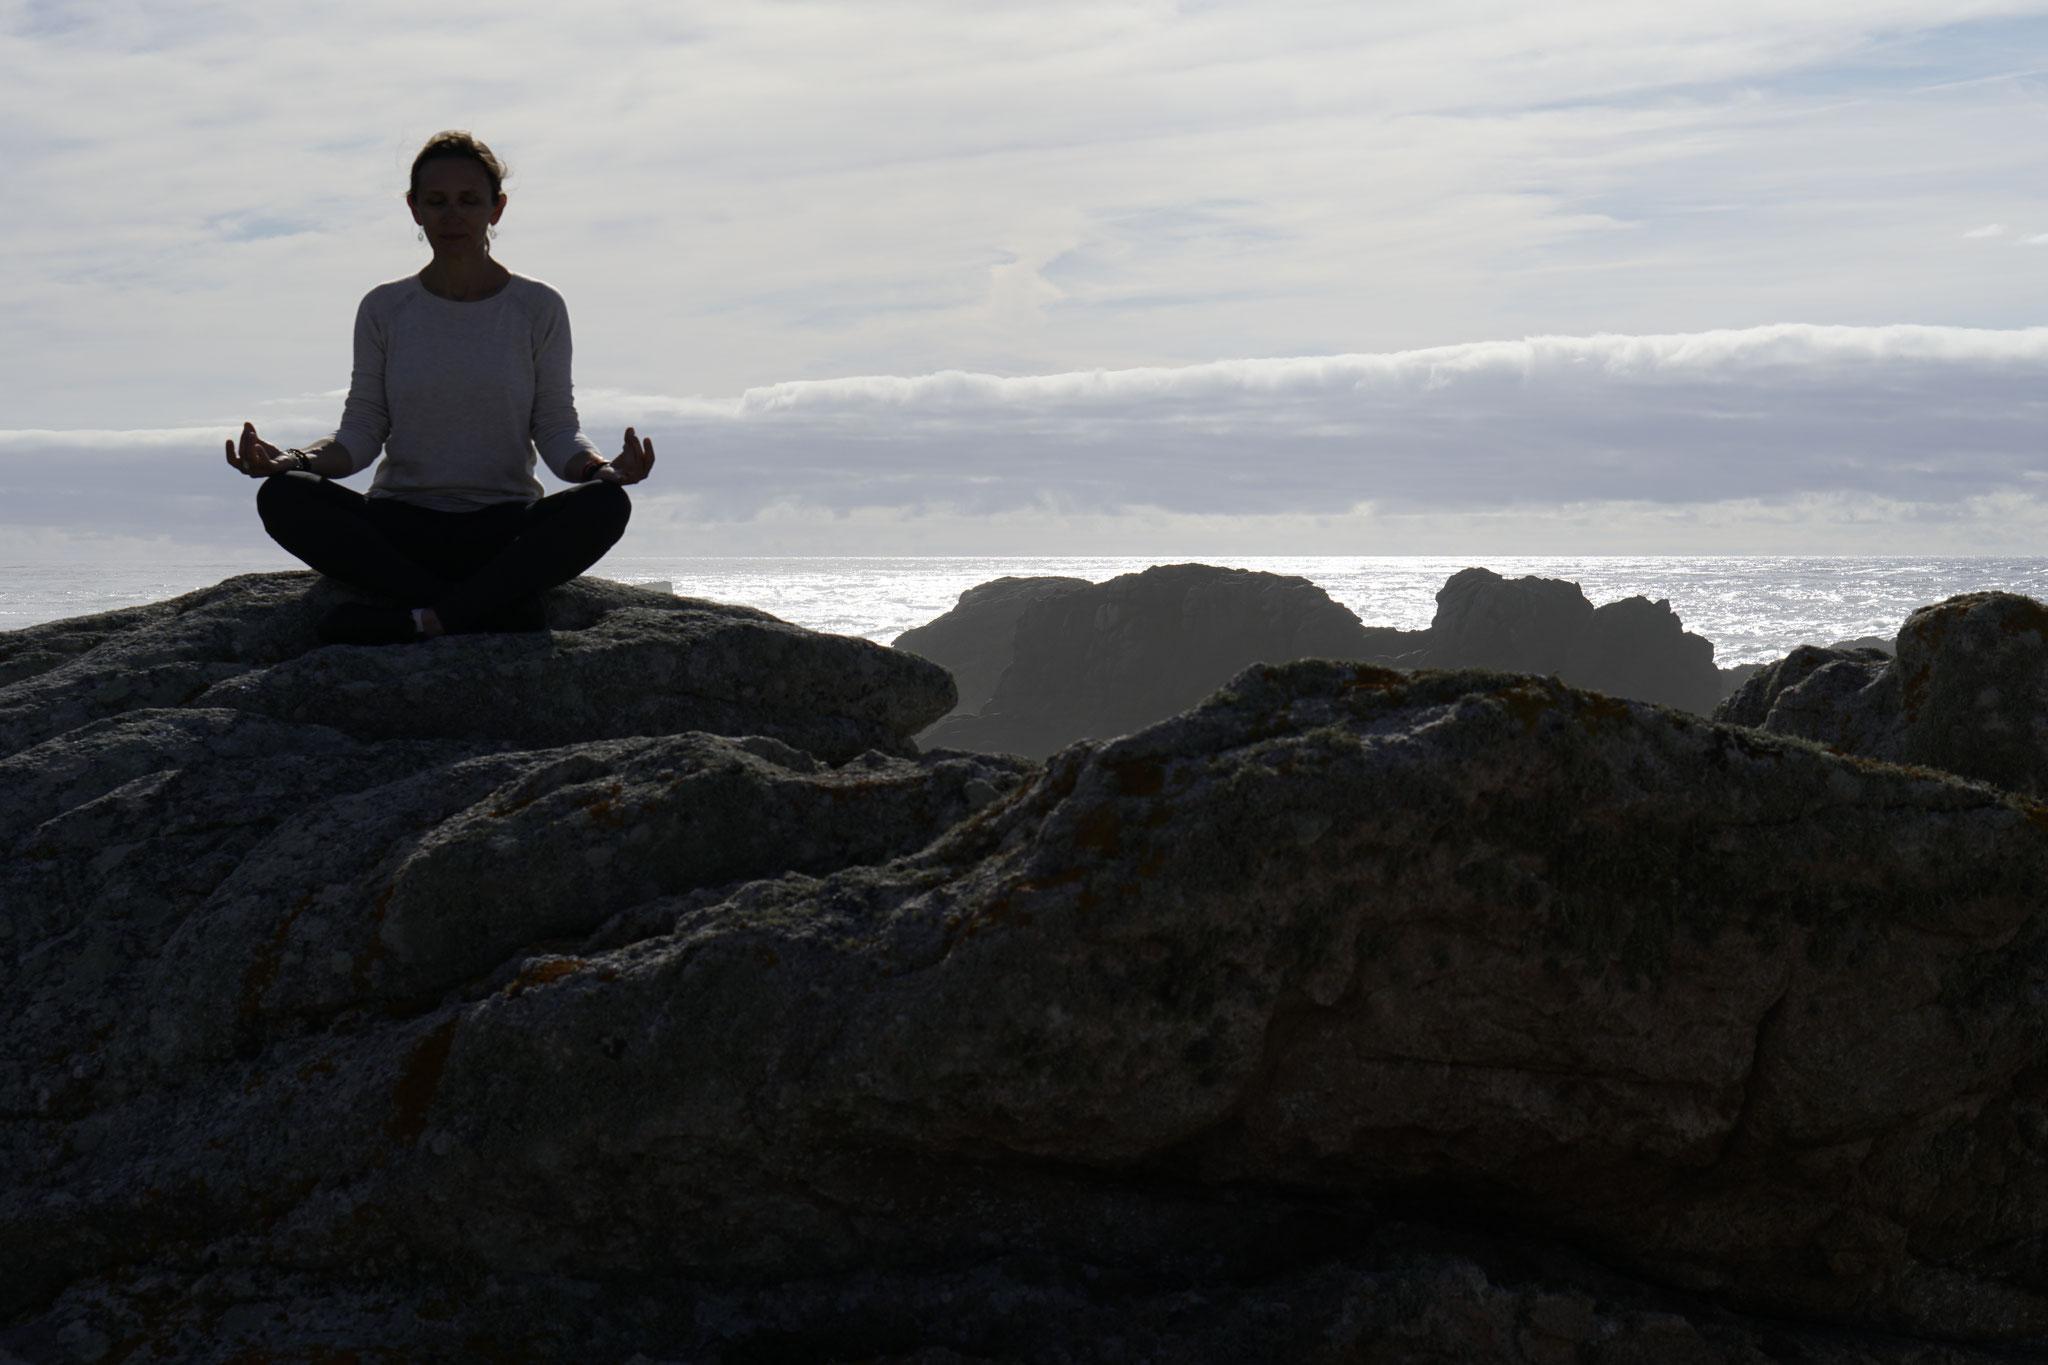 Une pause méditative... pourquoi pas. Essayez vous pouvez vous surprendre